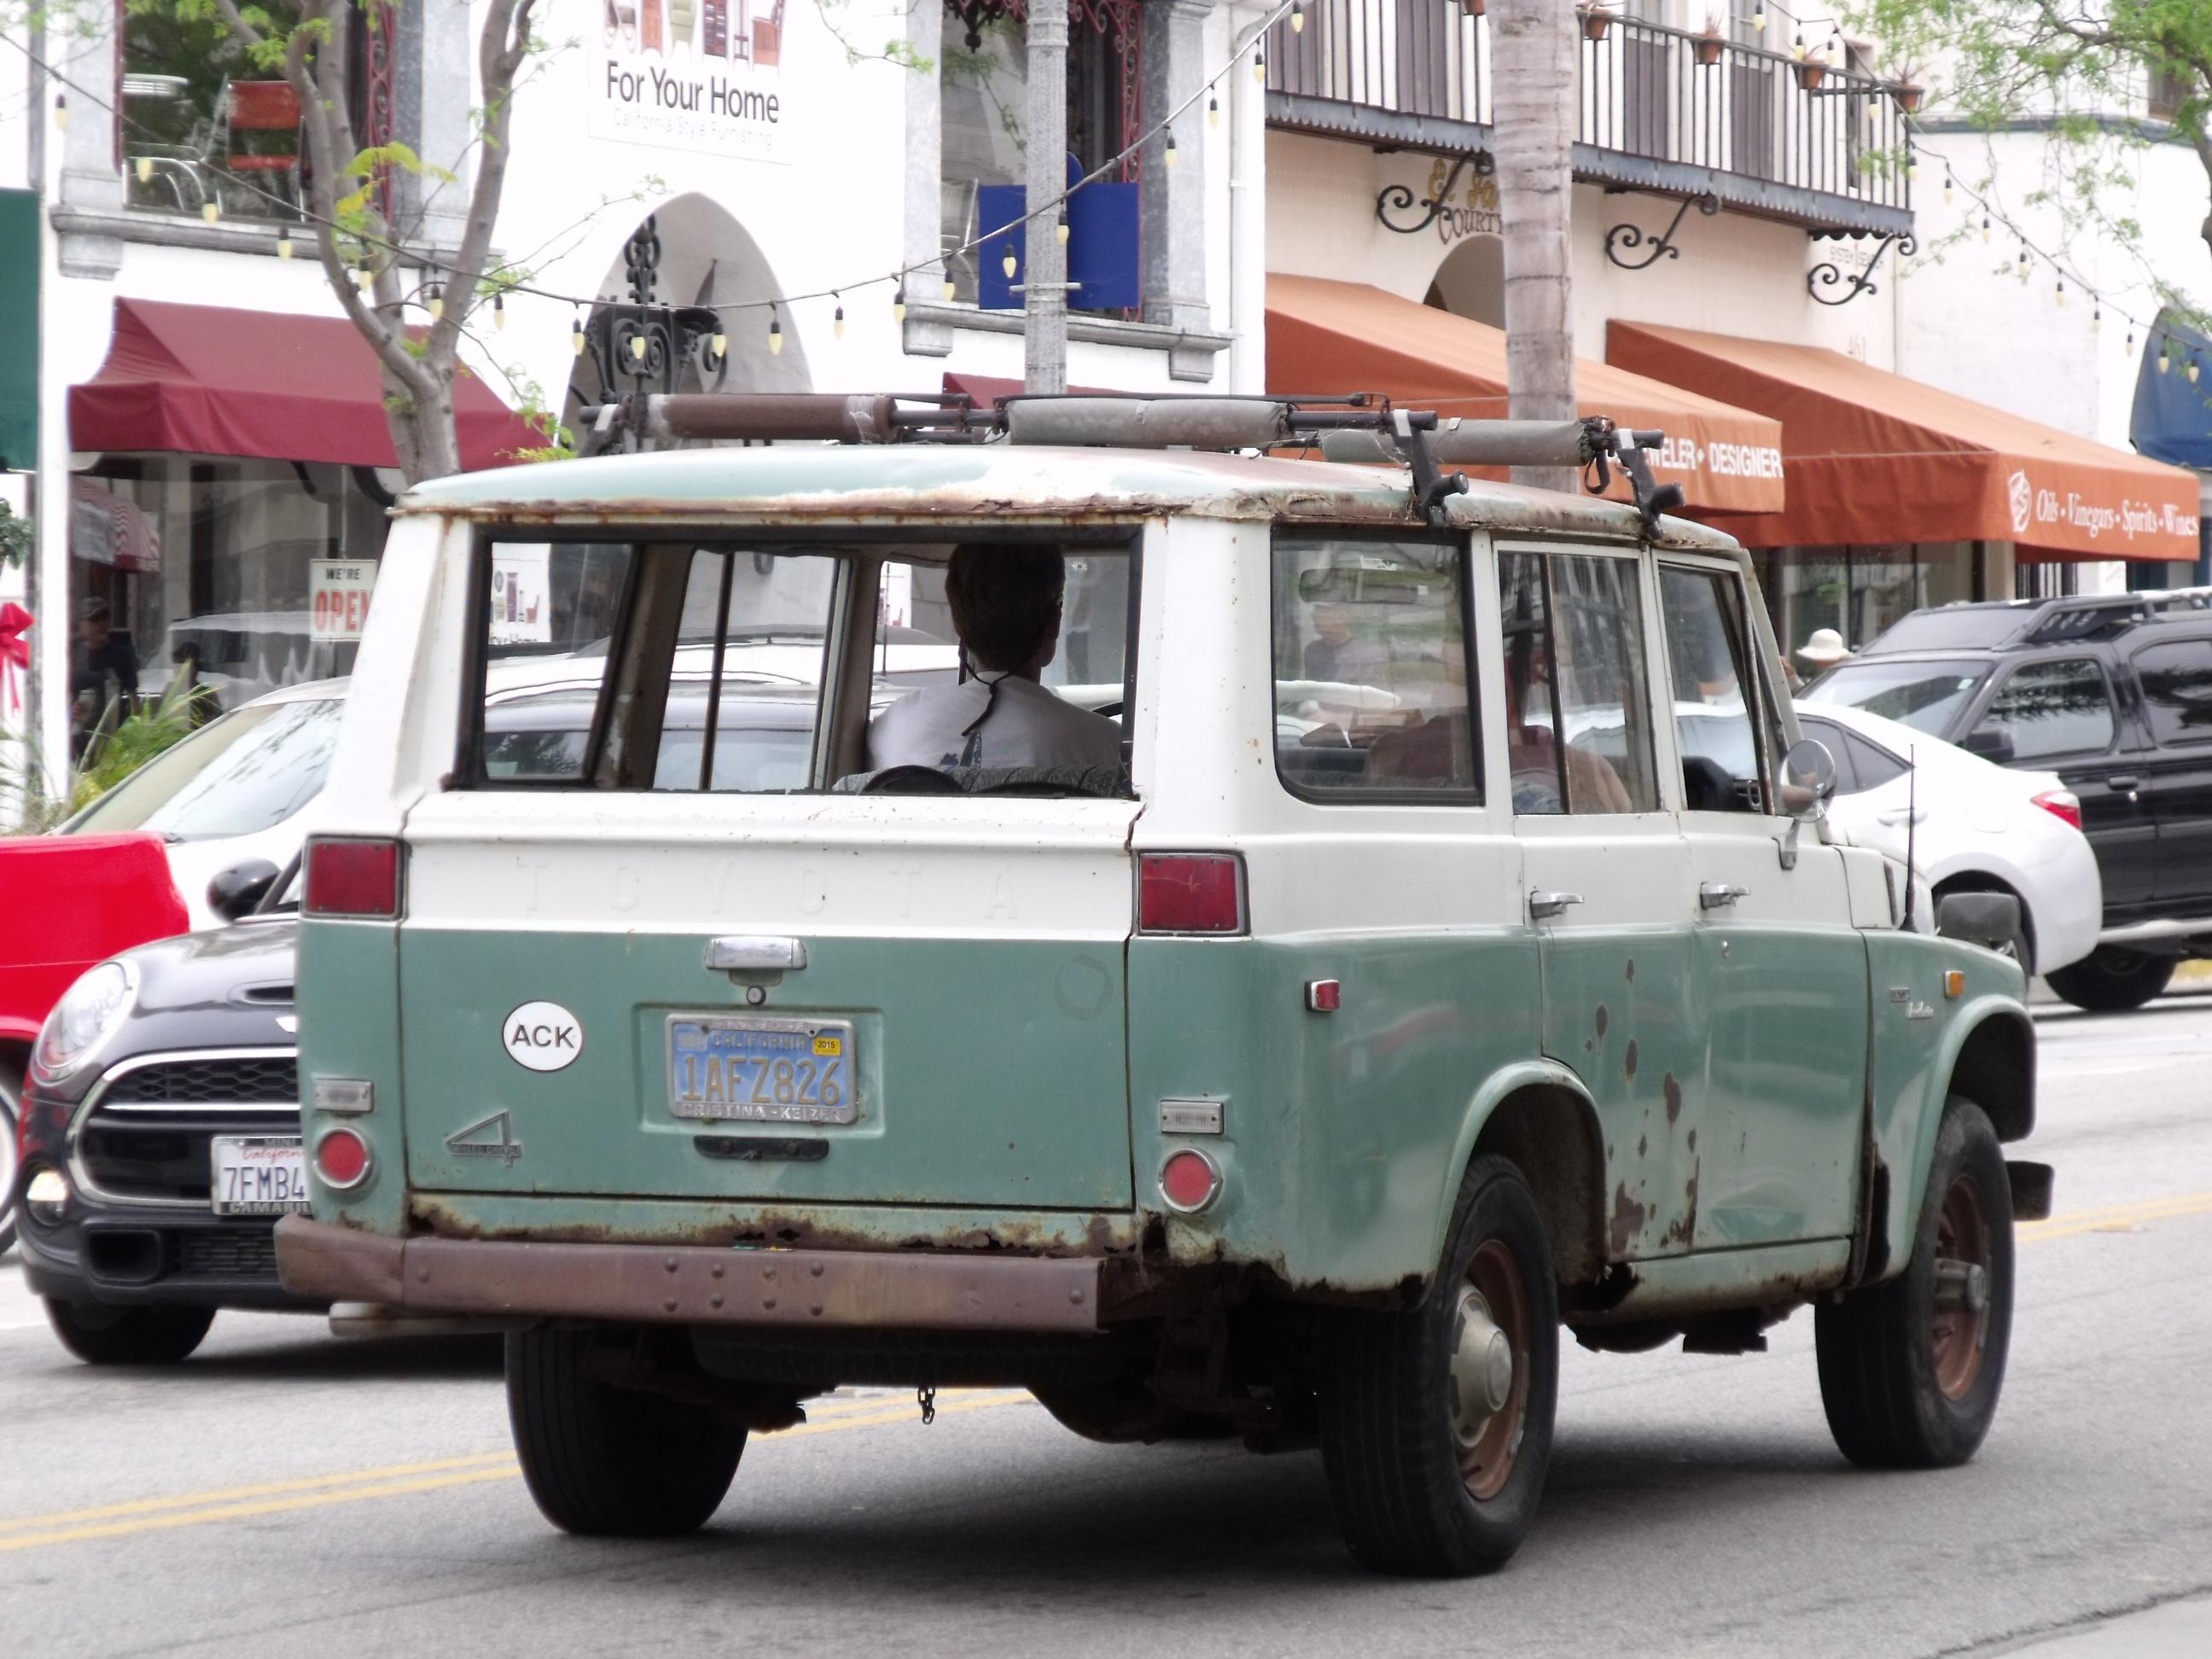 A quite rusty Toyota Land Cruiser in Ventura CA